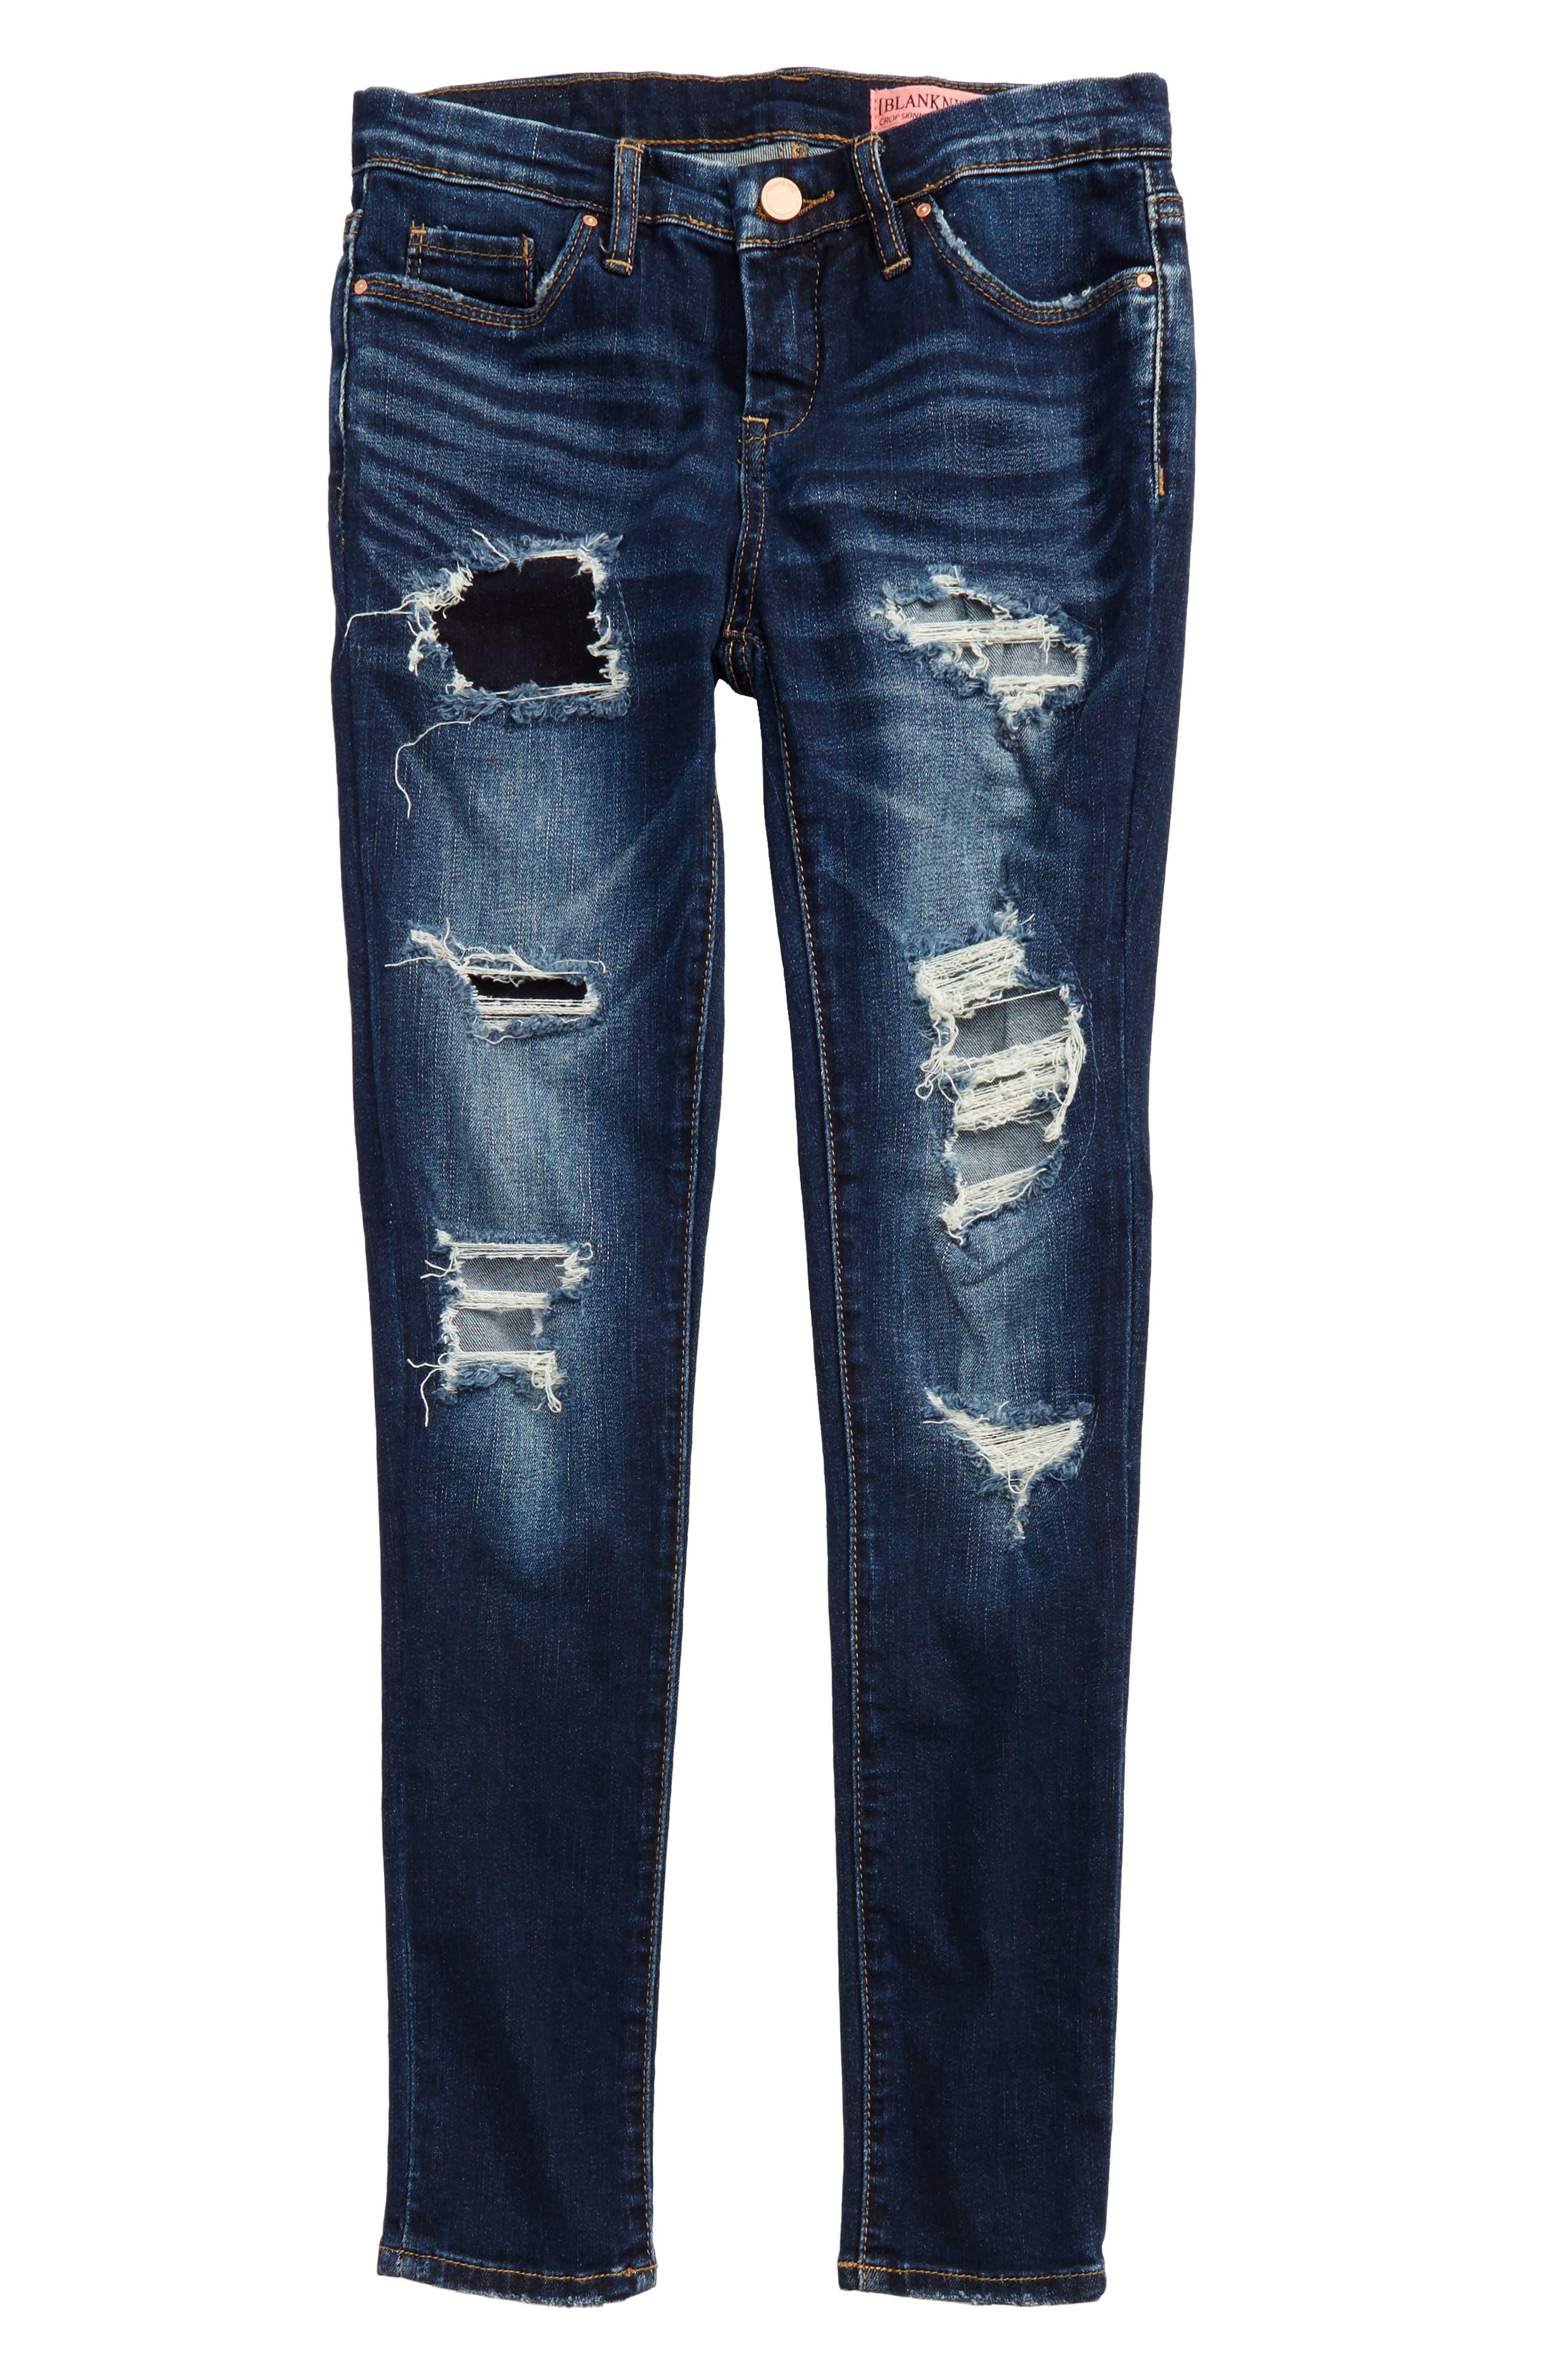 Alternate Image 1 Selected - BLANKNYC Rip & Repair Skinny Jeans (Big Girls)